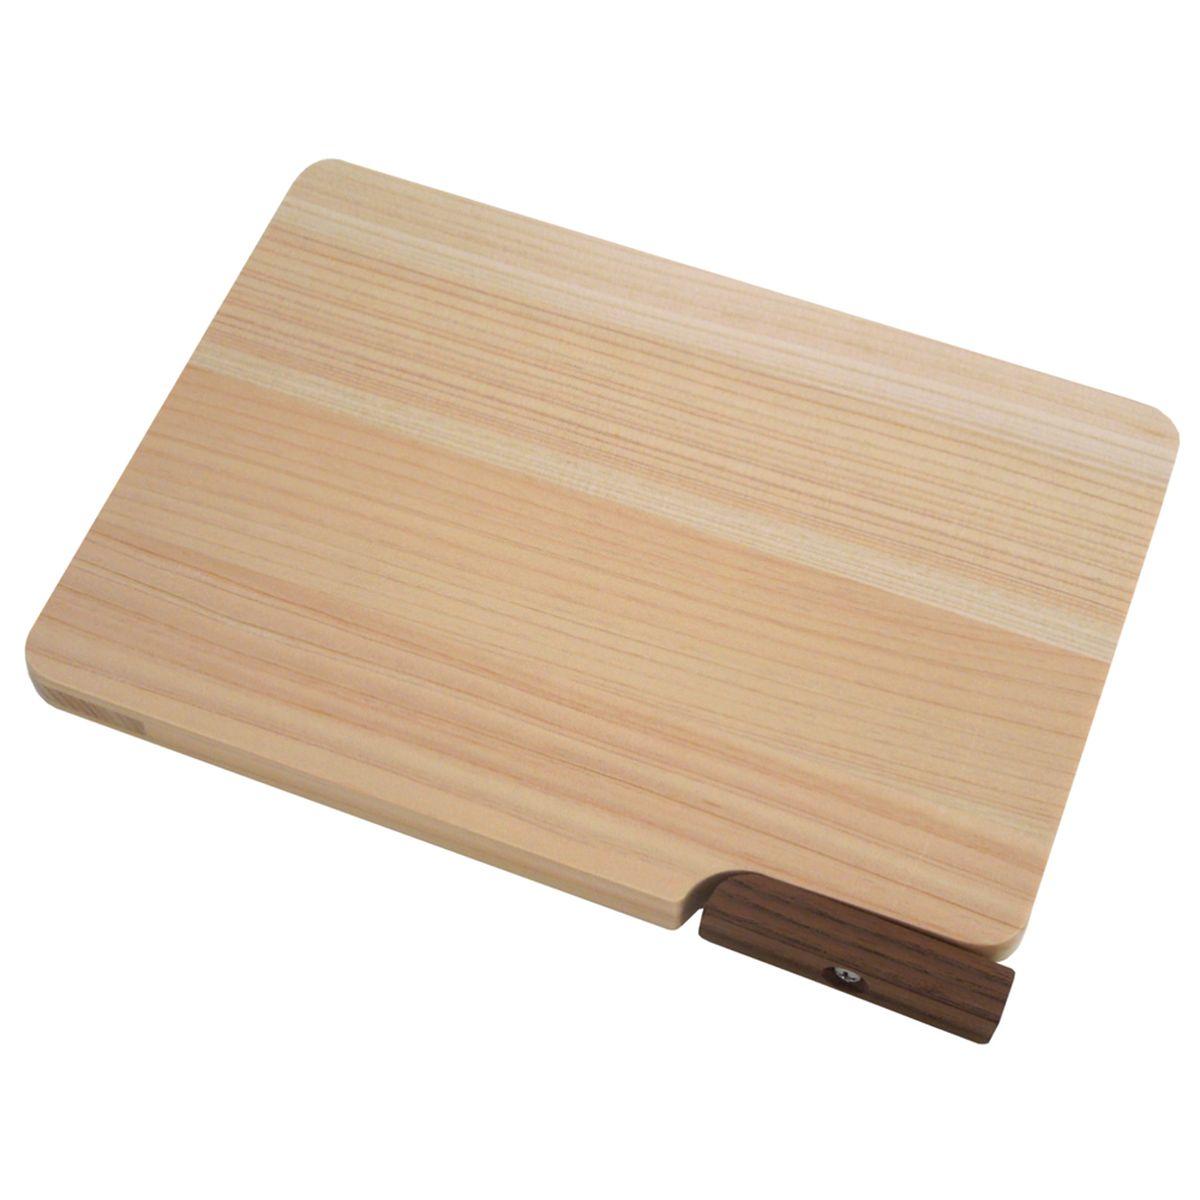 ダイワ産業 まな板スタンド付き 食洗機対応 木製 ひのき 軽量 日本製 防カビ 21cm KM-SS21